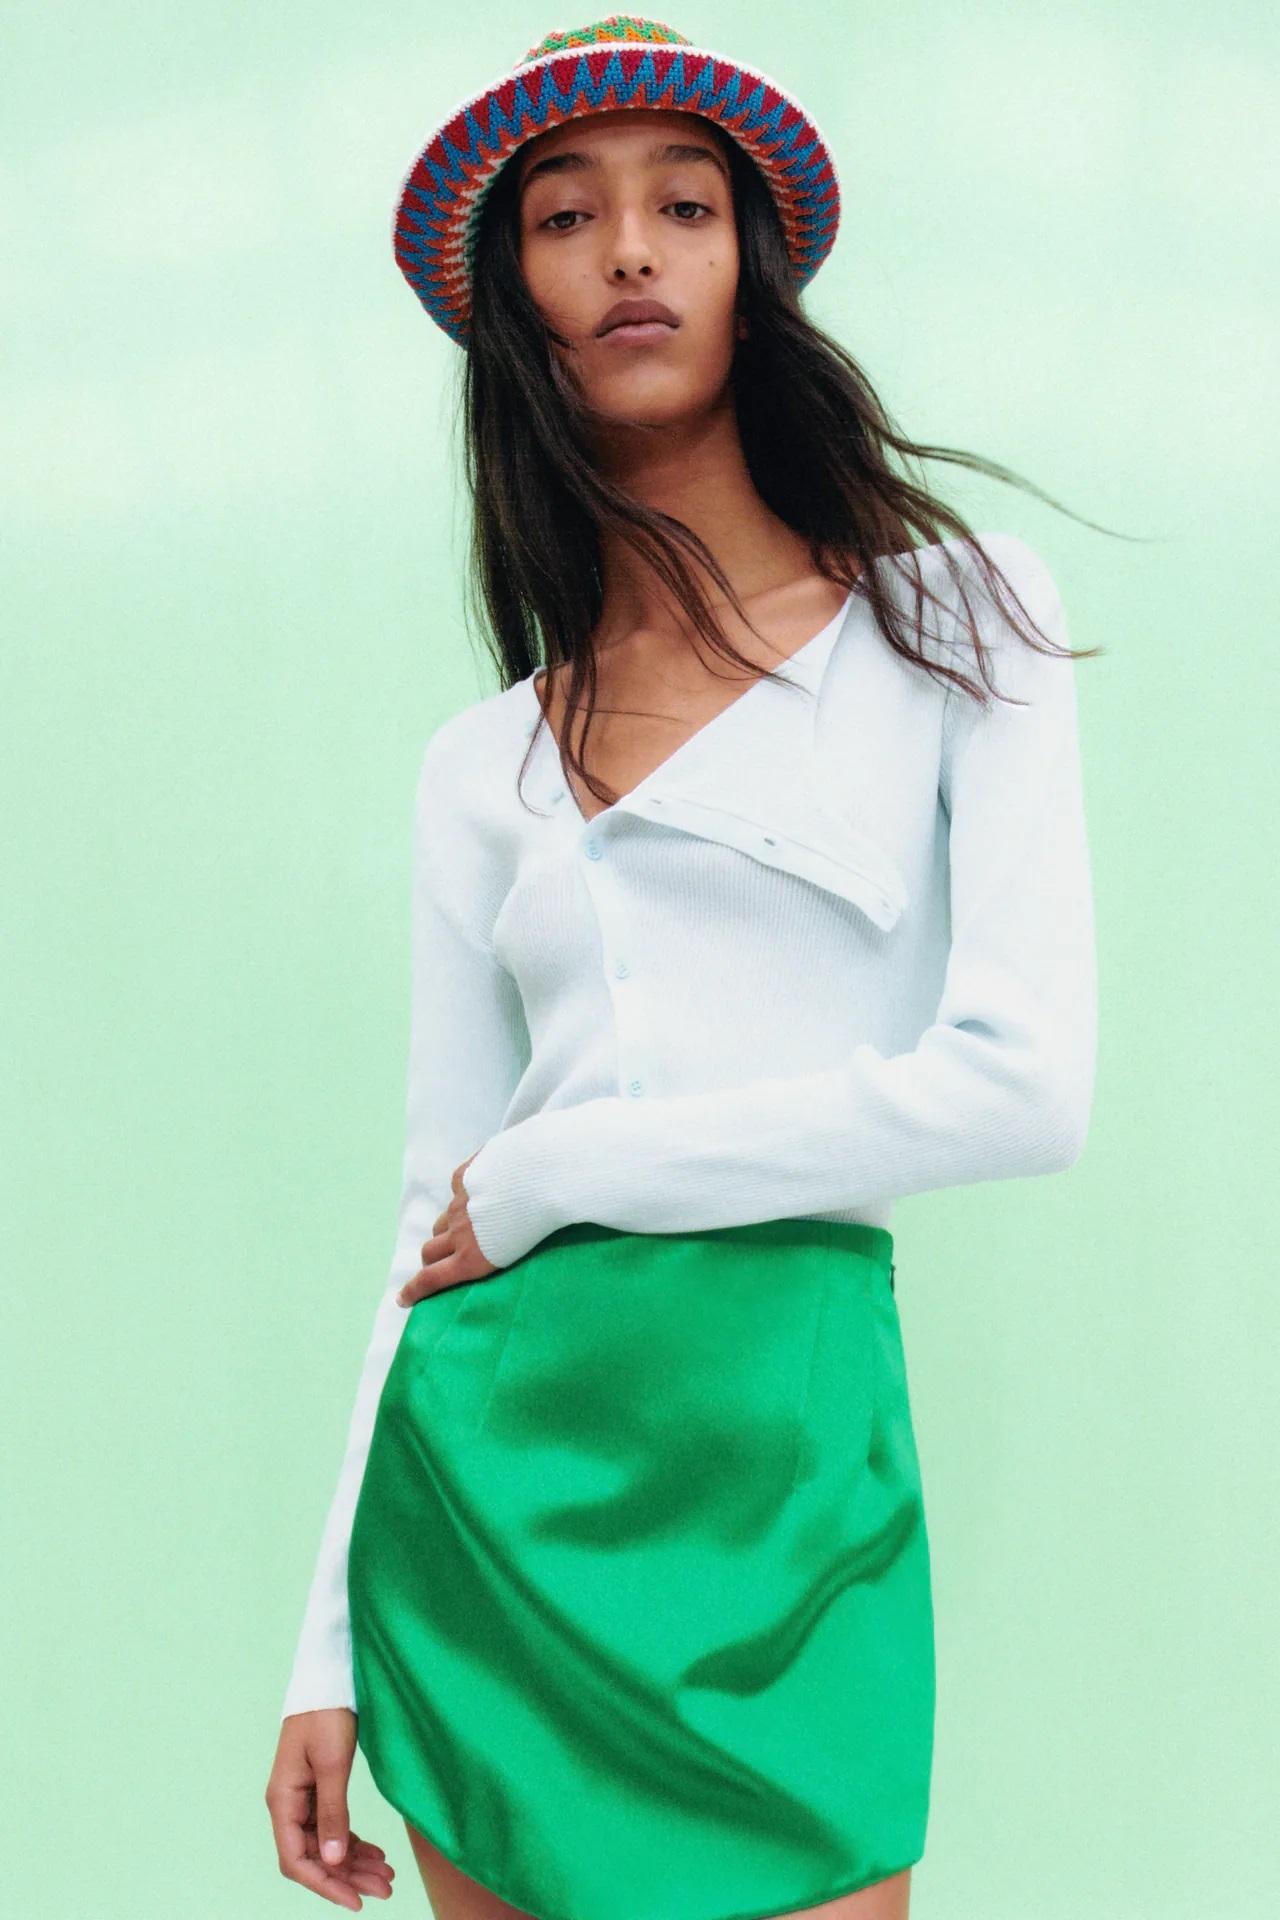 Zara clona la minifalda verde satinada más famosa de Carrie Bradshaw